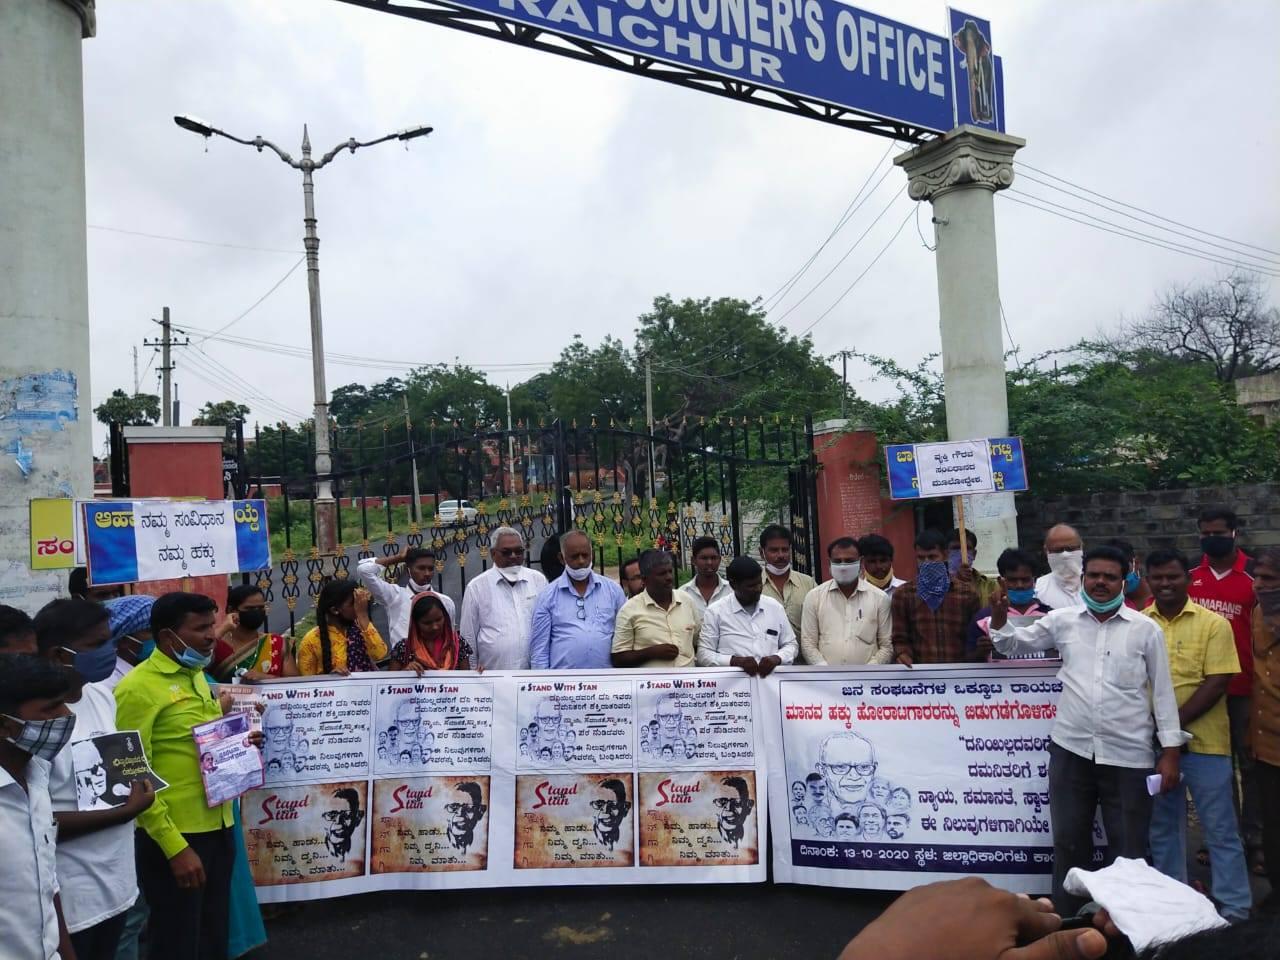 Il nostro supporto a P. Stan Swami